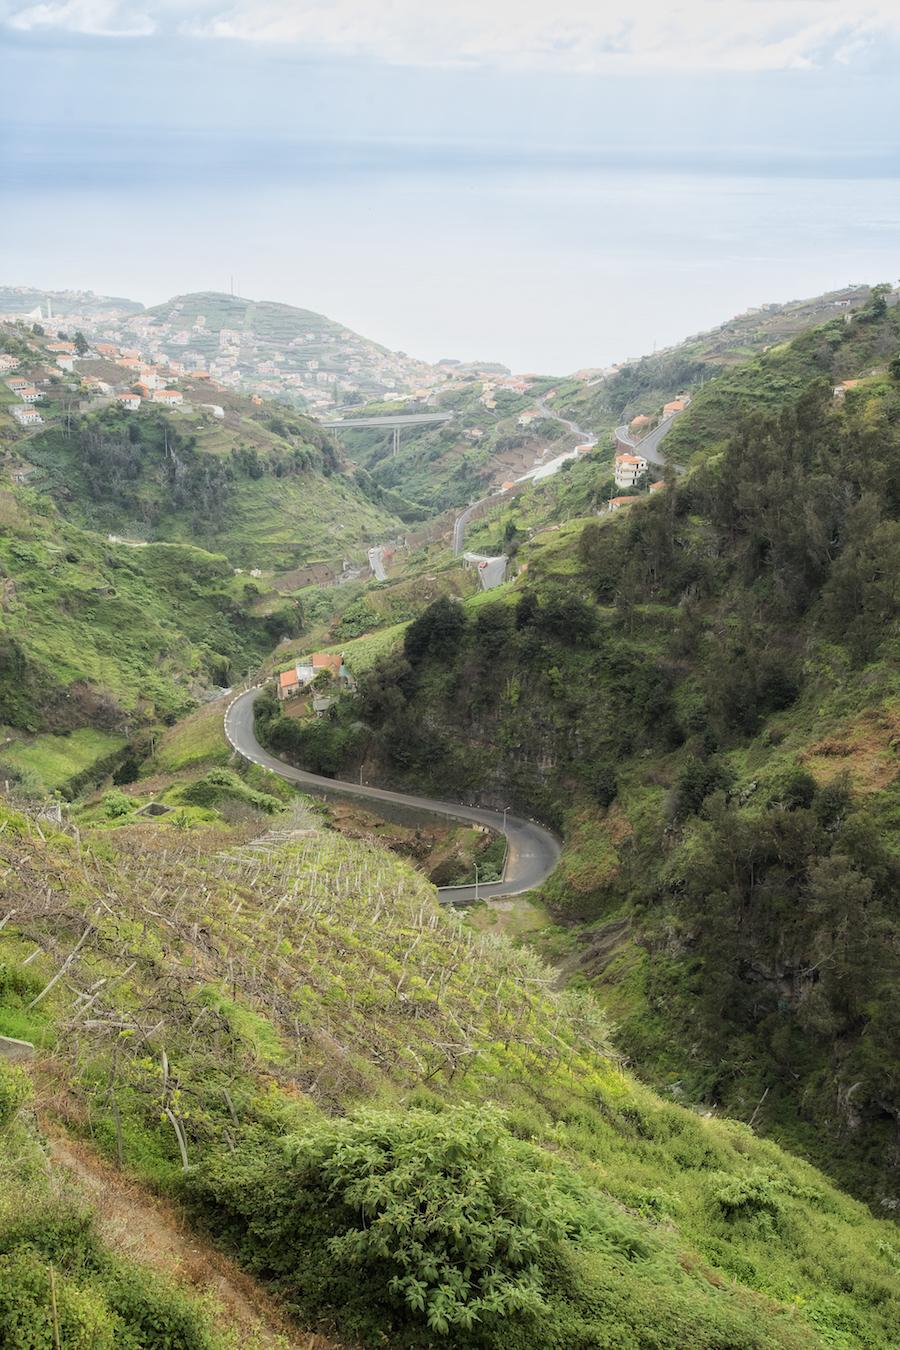 Naturen på Madeira er alsidig og udfordrende. Bemærk vinmarken nederst i billedet. Foto: PR.